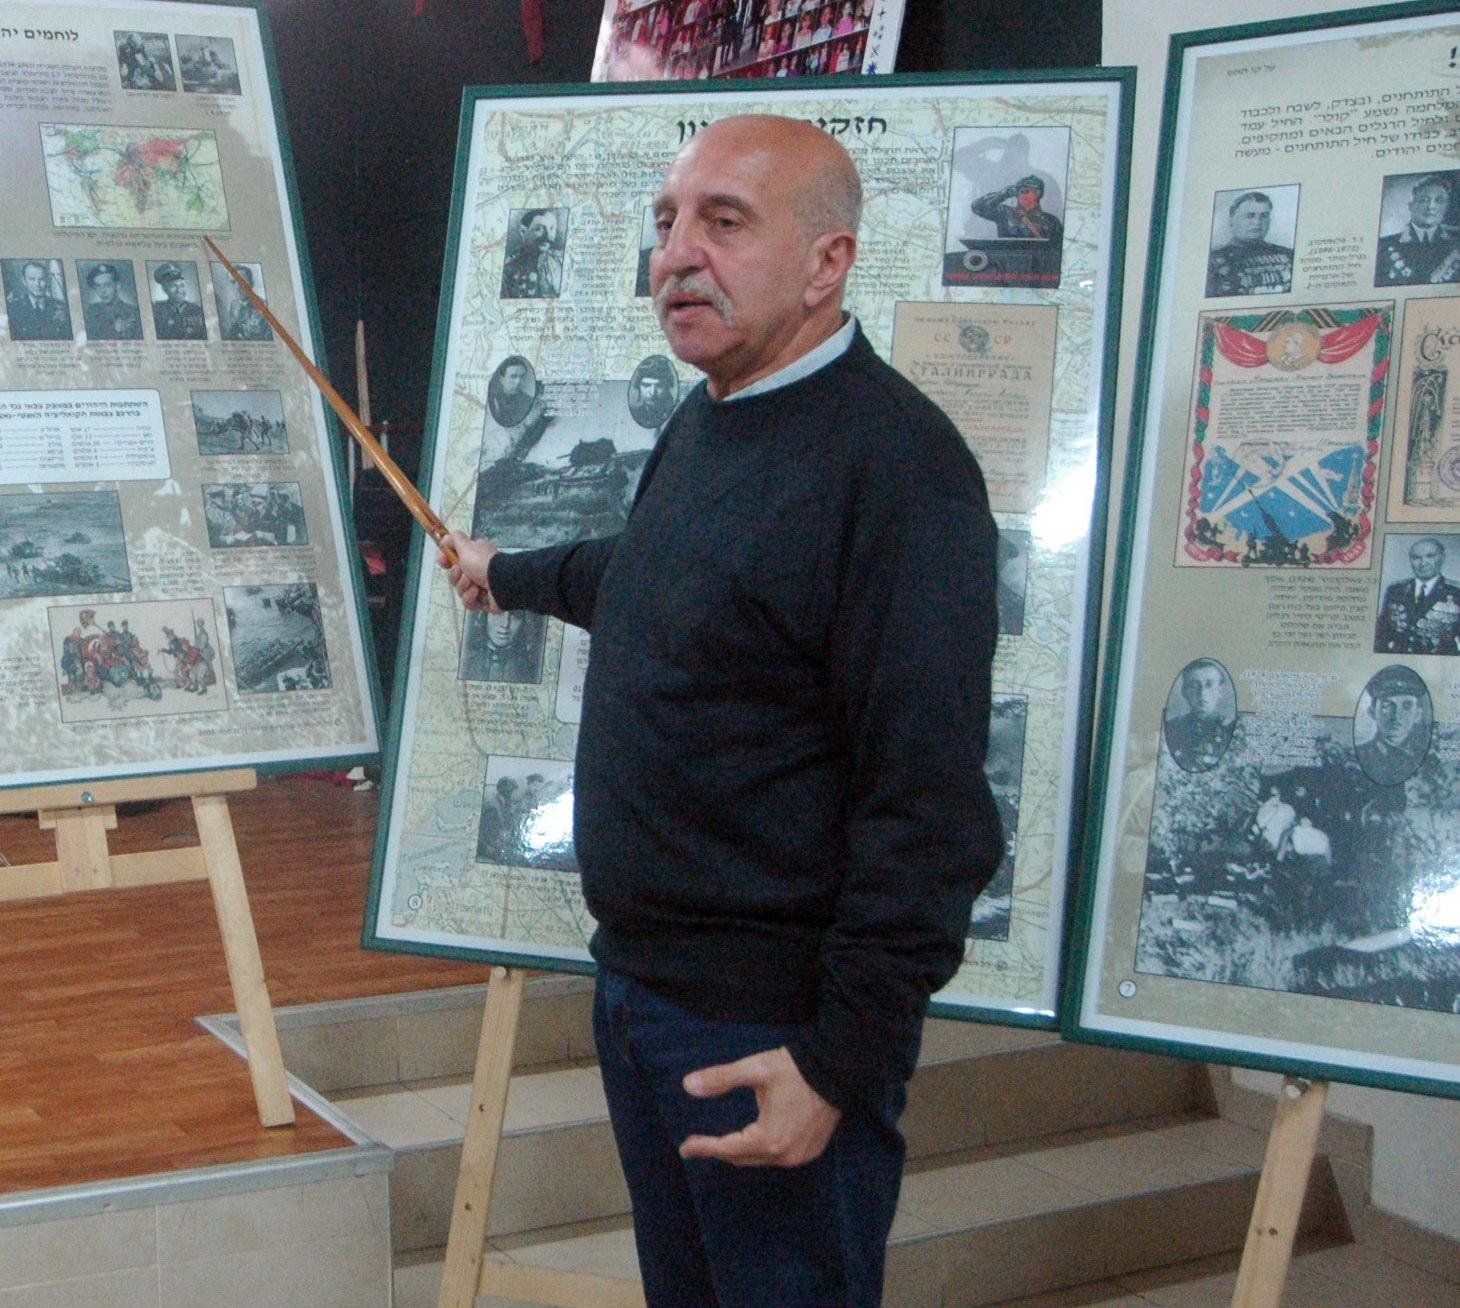 У стендов экспозиции во время экскурсии Г. Рейхмана